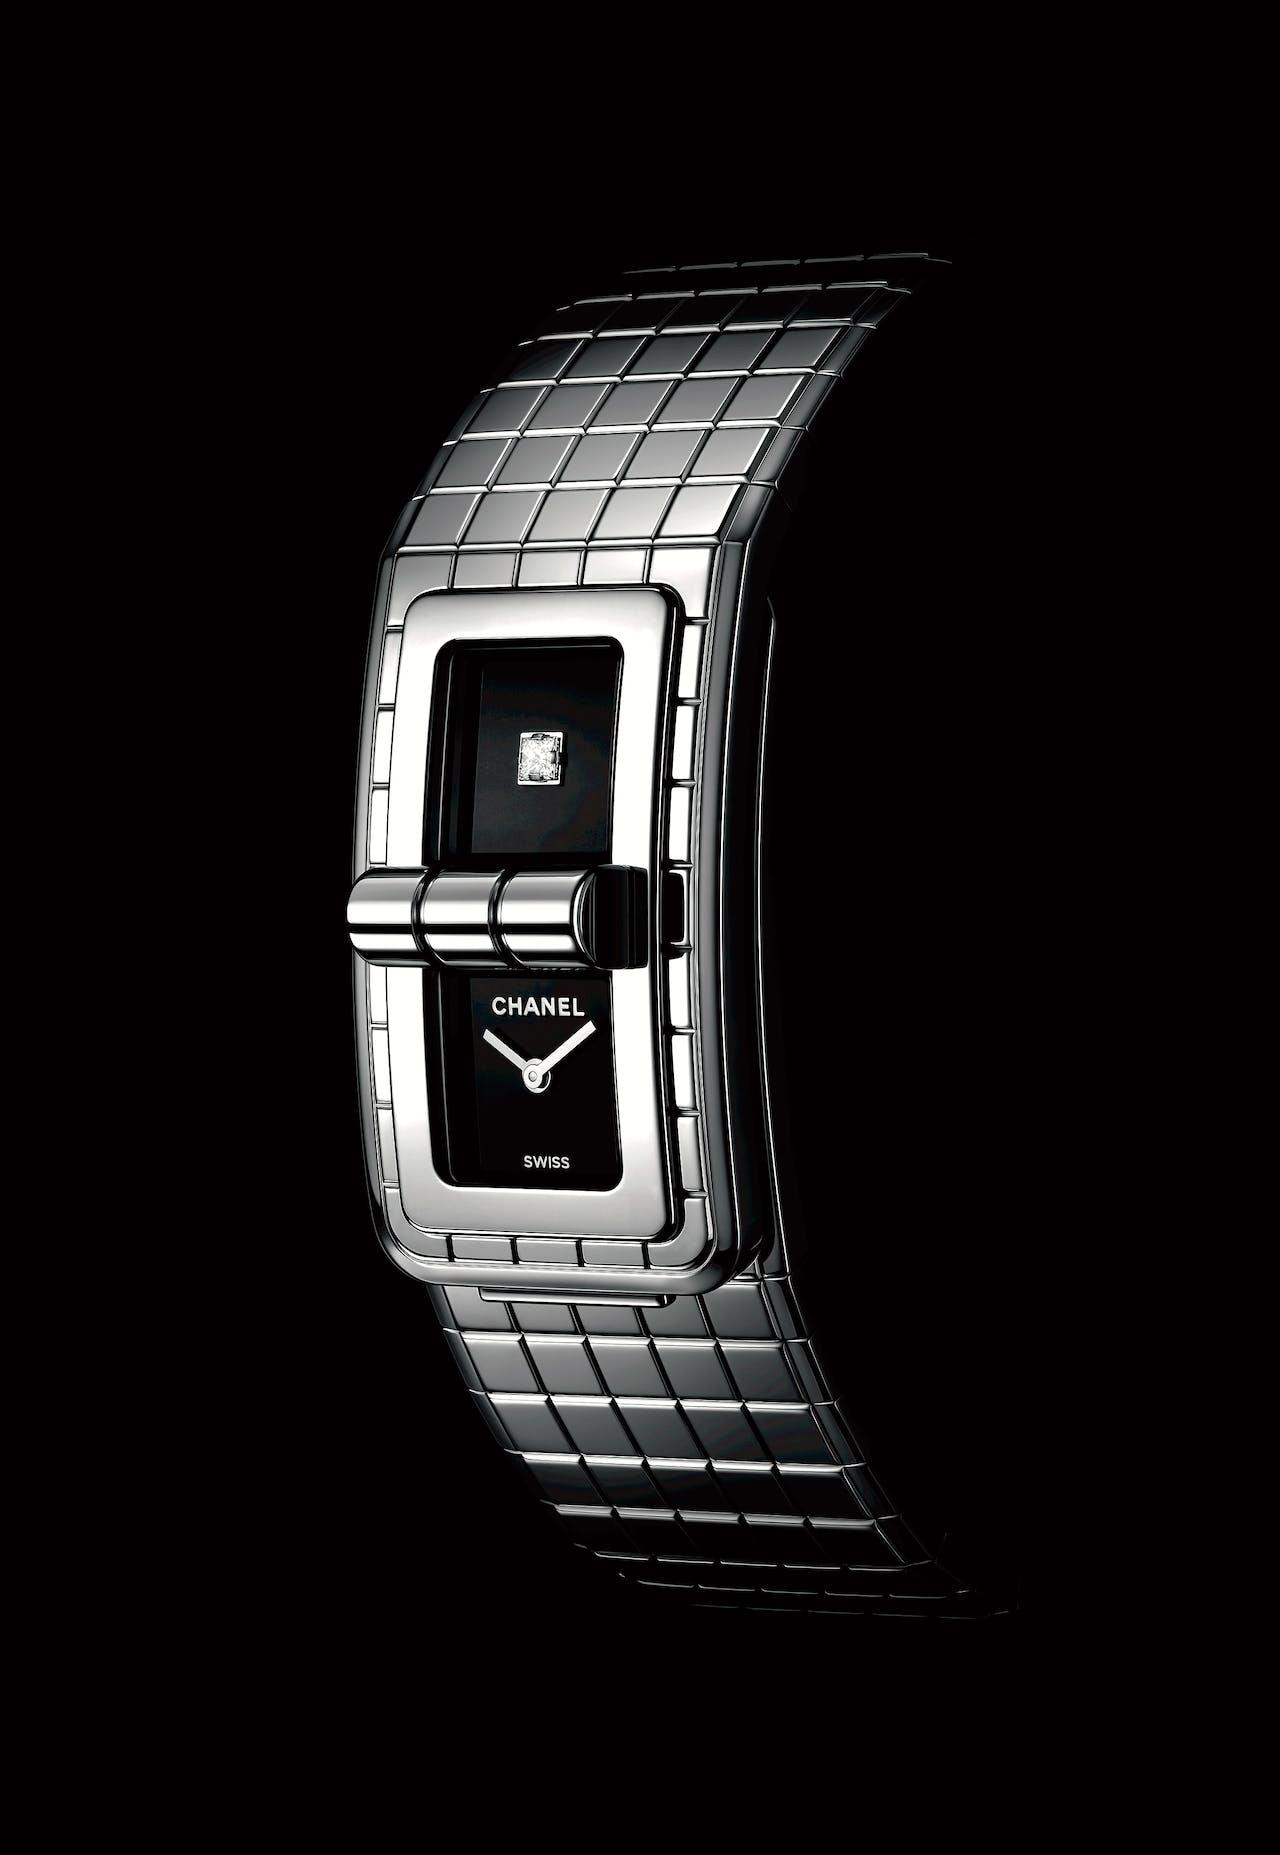 Een horlogearmband met tasslotje.